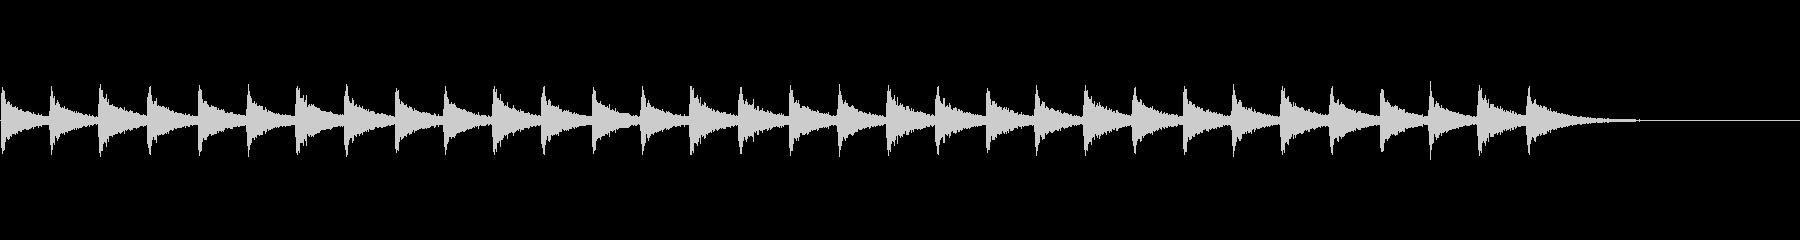 時計の秒針音(反響音あり)チクタクの未再生の波形